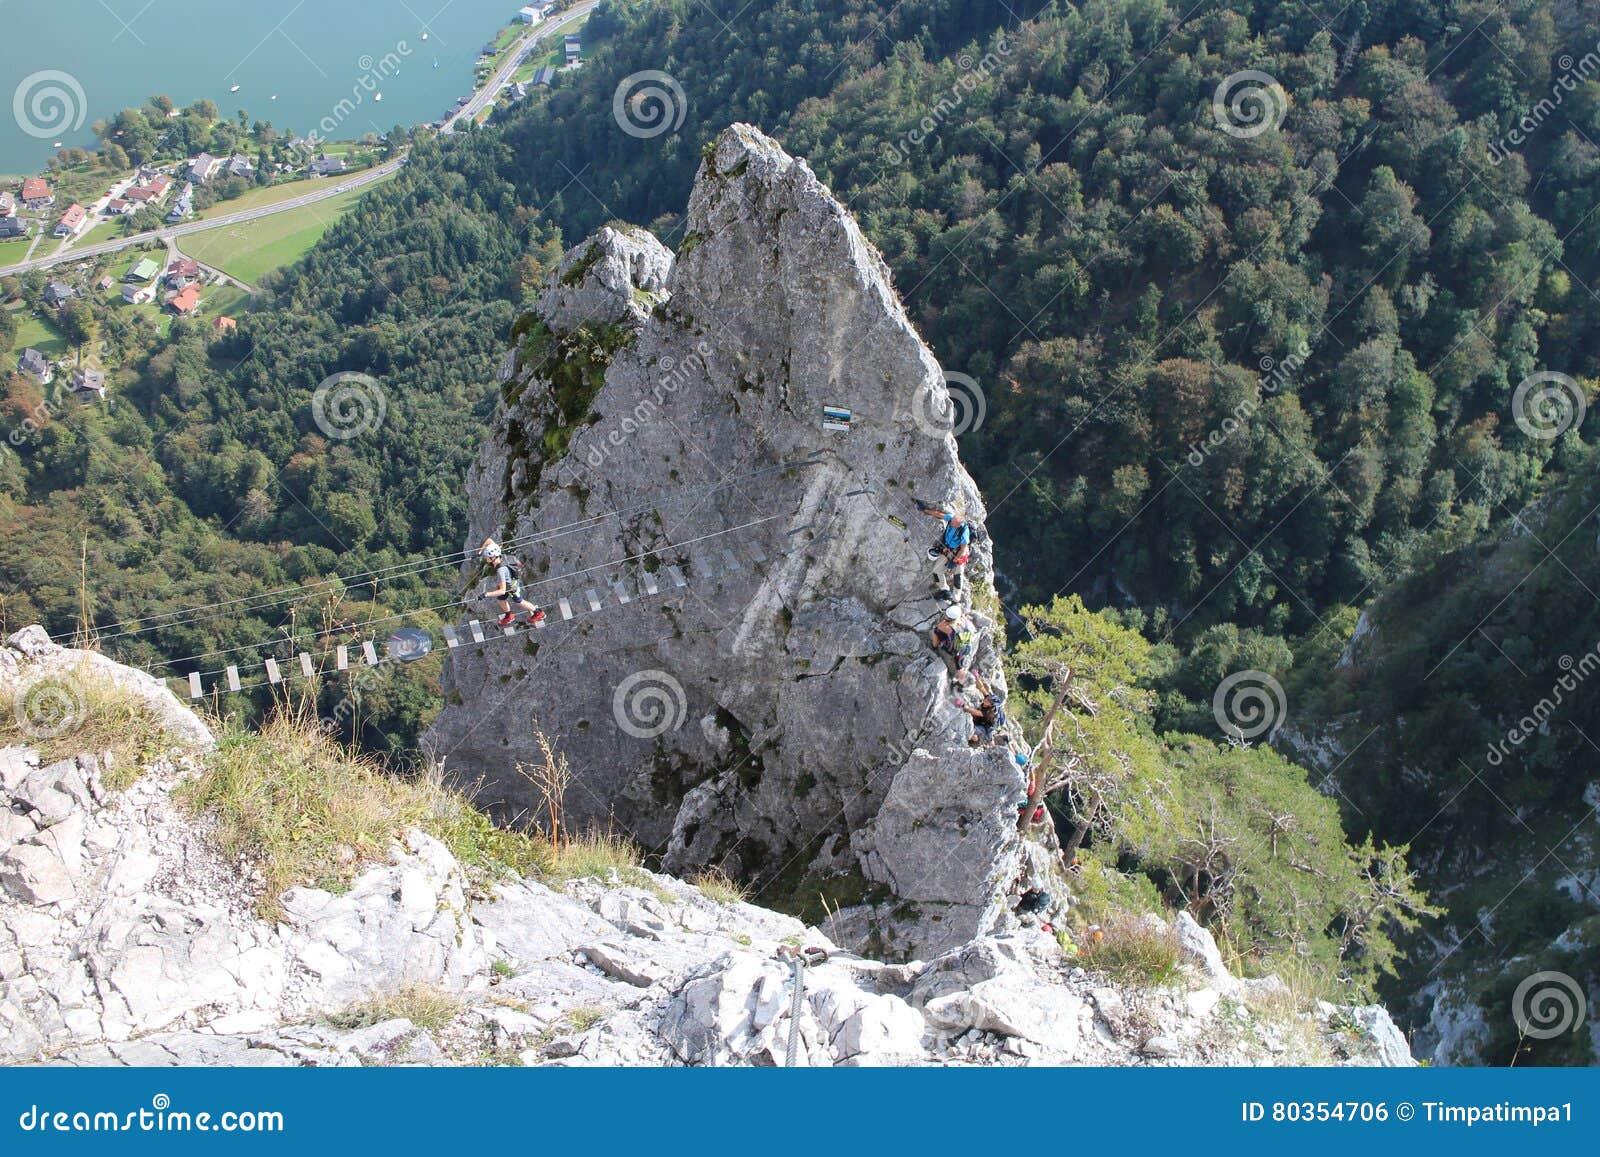 Klettersteig Drachenwand : Kabelbrücke in drachenwand klettersteig redaktionelles foto bild